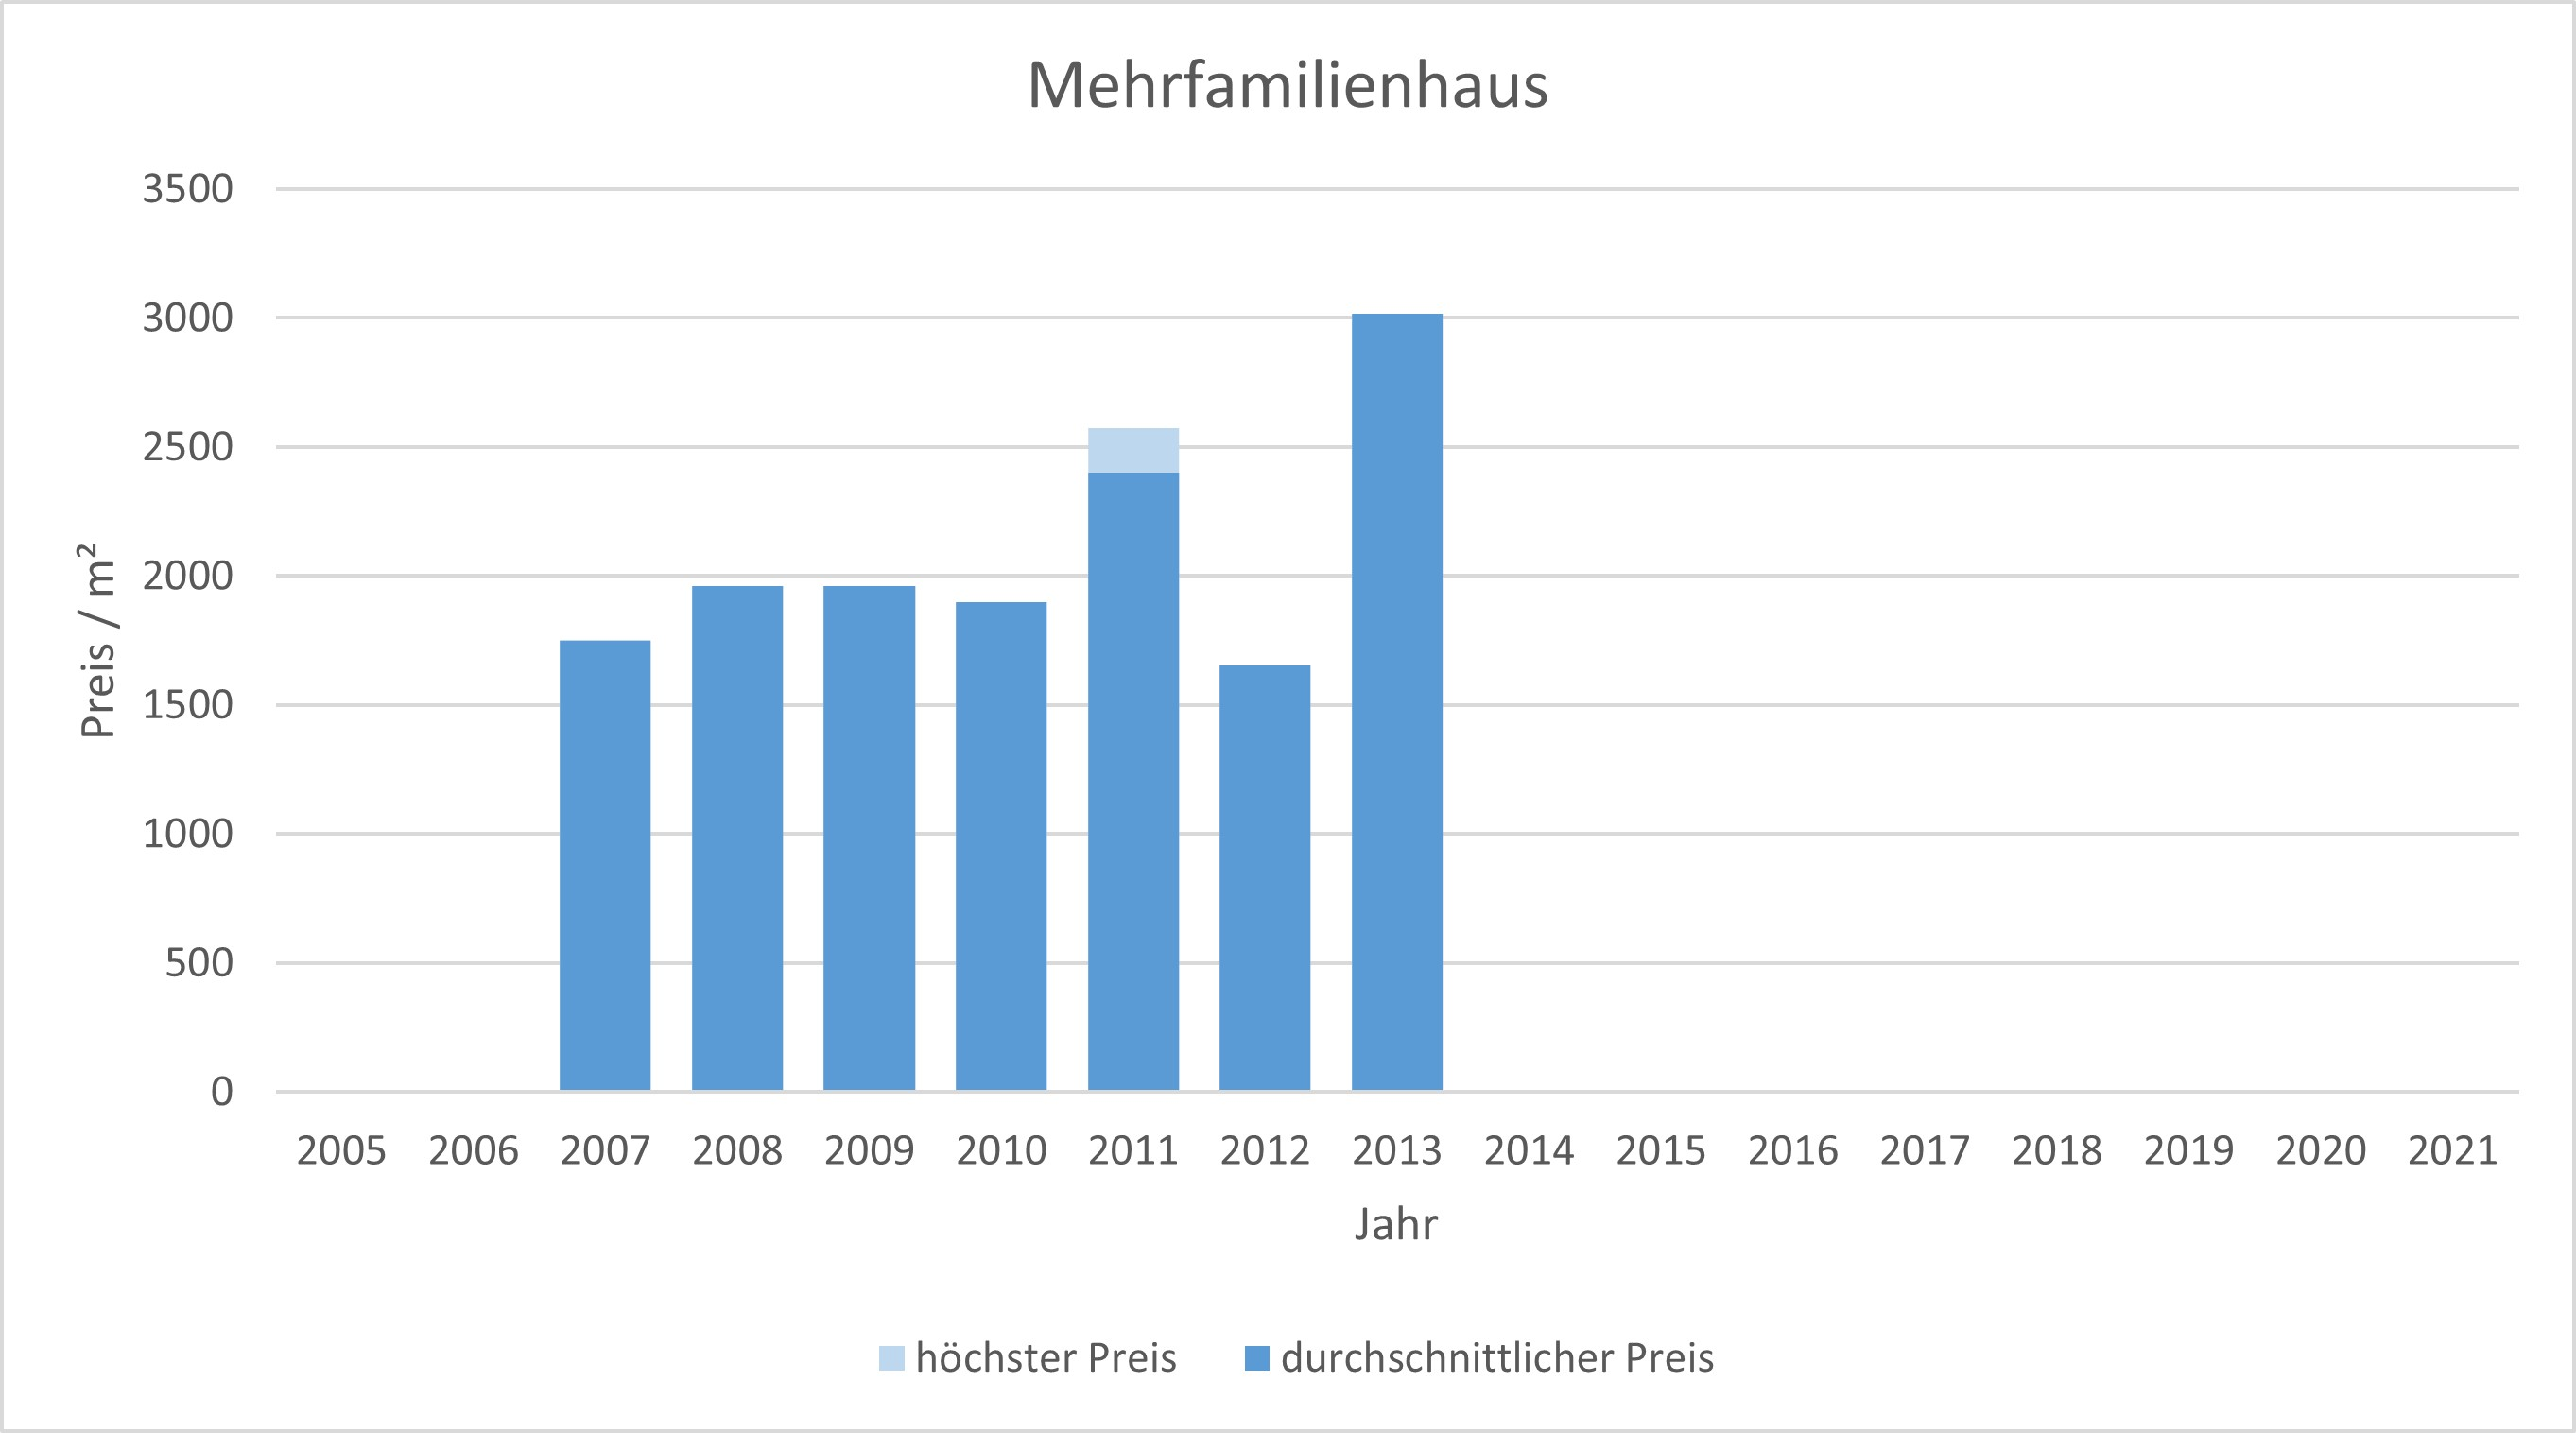 Königsdorf Mehrfamilienhaus kaufen verkaufen Preis Bewertung Makler 2019 2020 2021  www.happy-immo.de